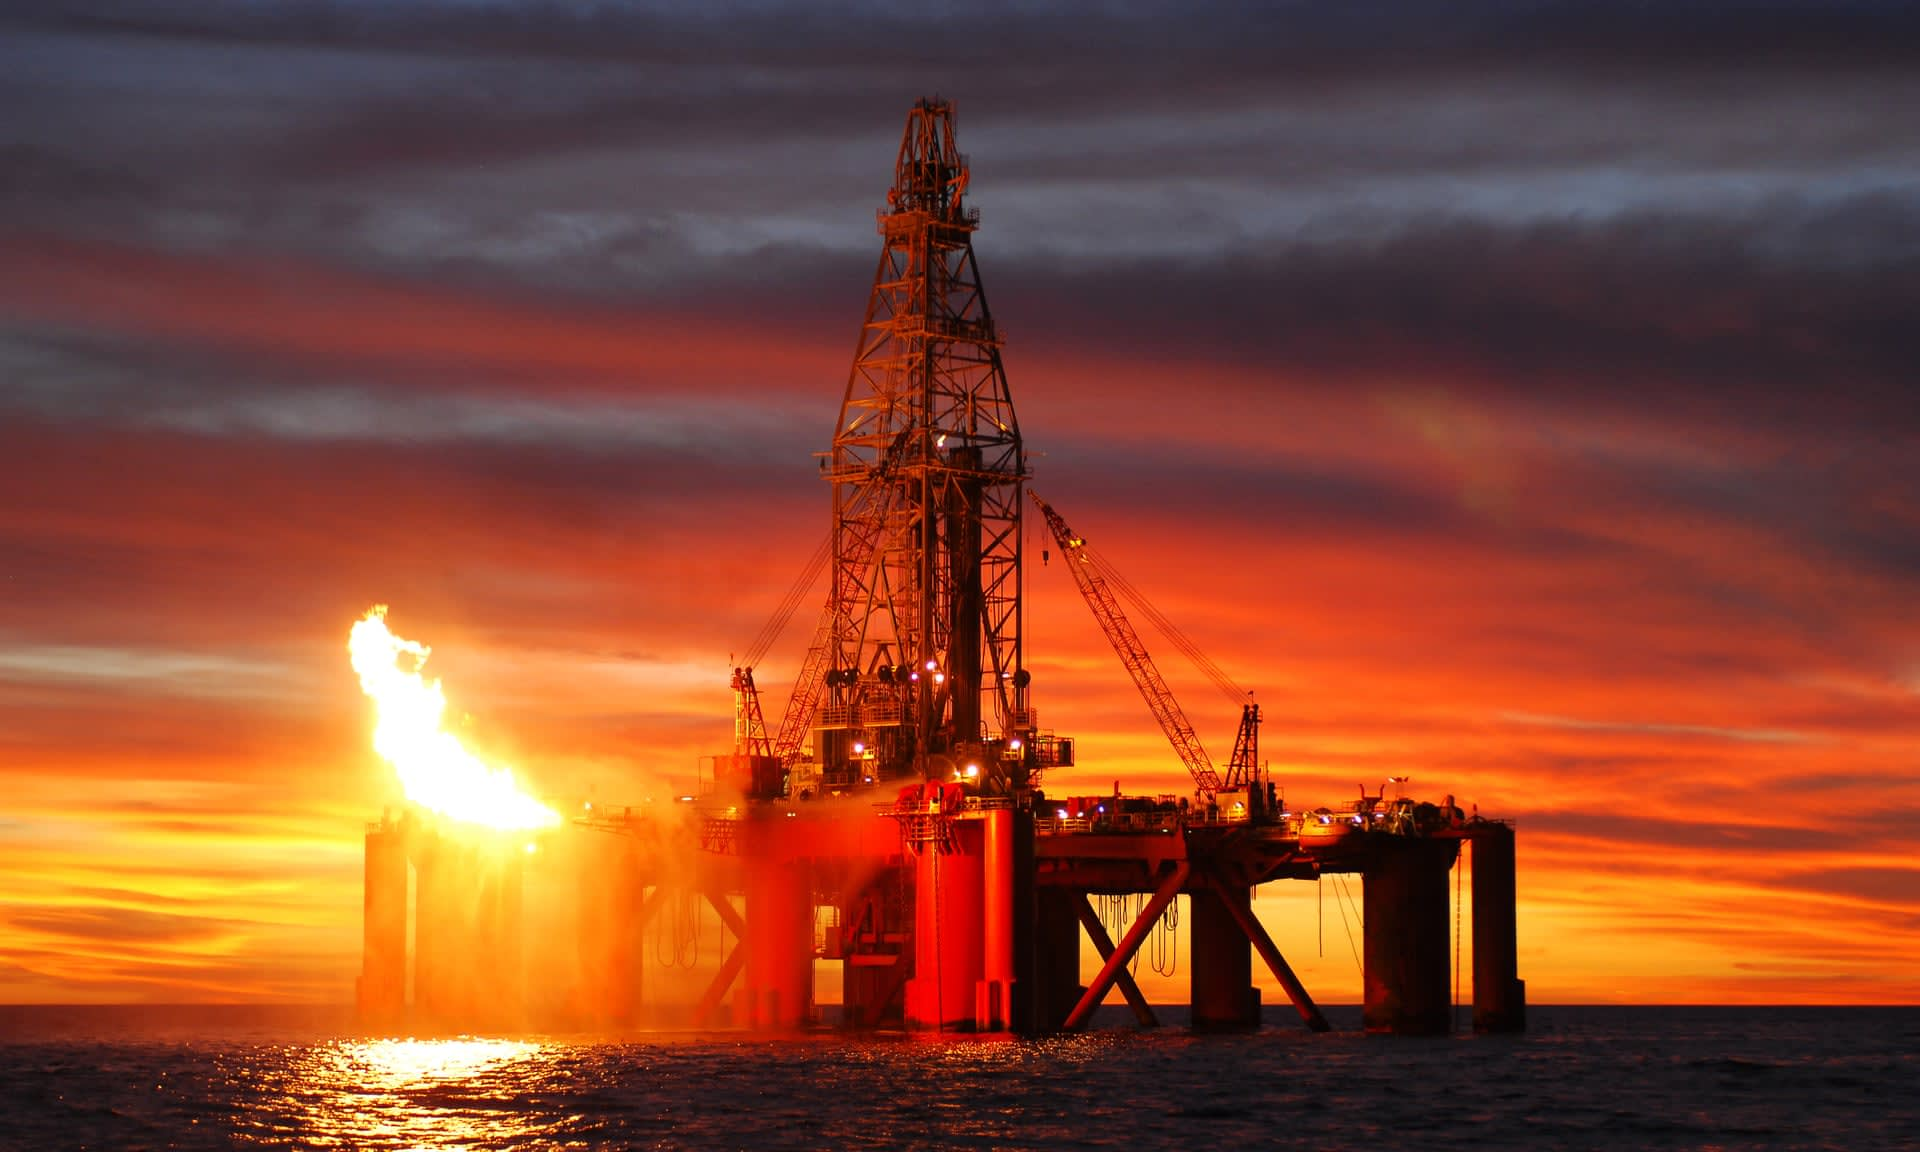 Csak 100 vállalat felelős a klímánk kivégzéséért | ClimeNews - Hírportál | Photograph: Dazman/Getty Images/iStockphoto